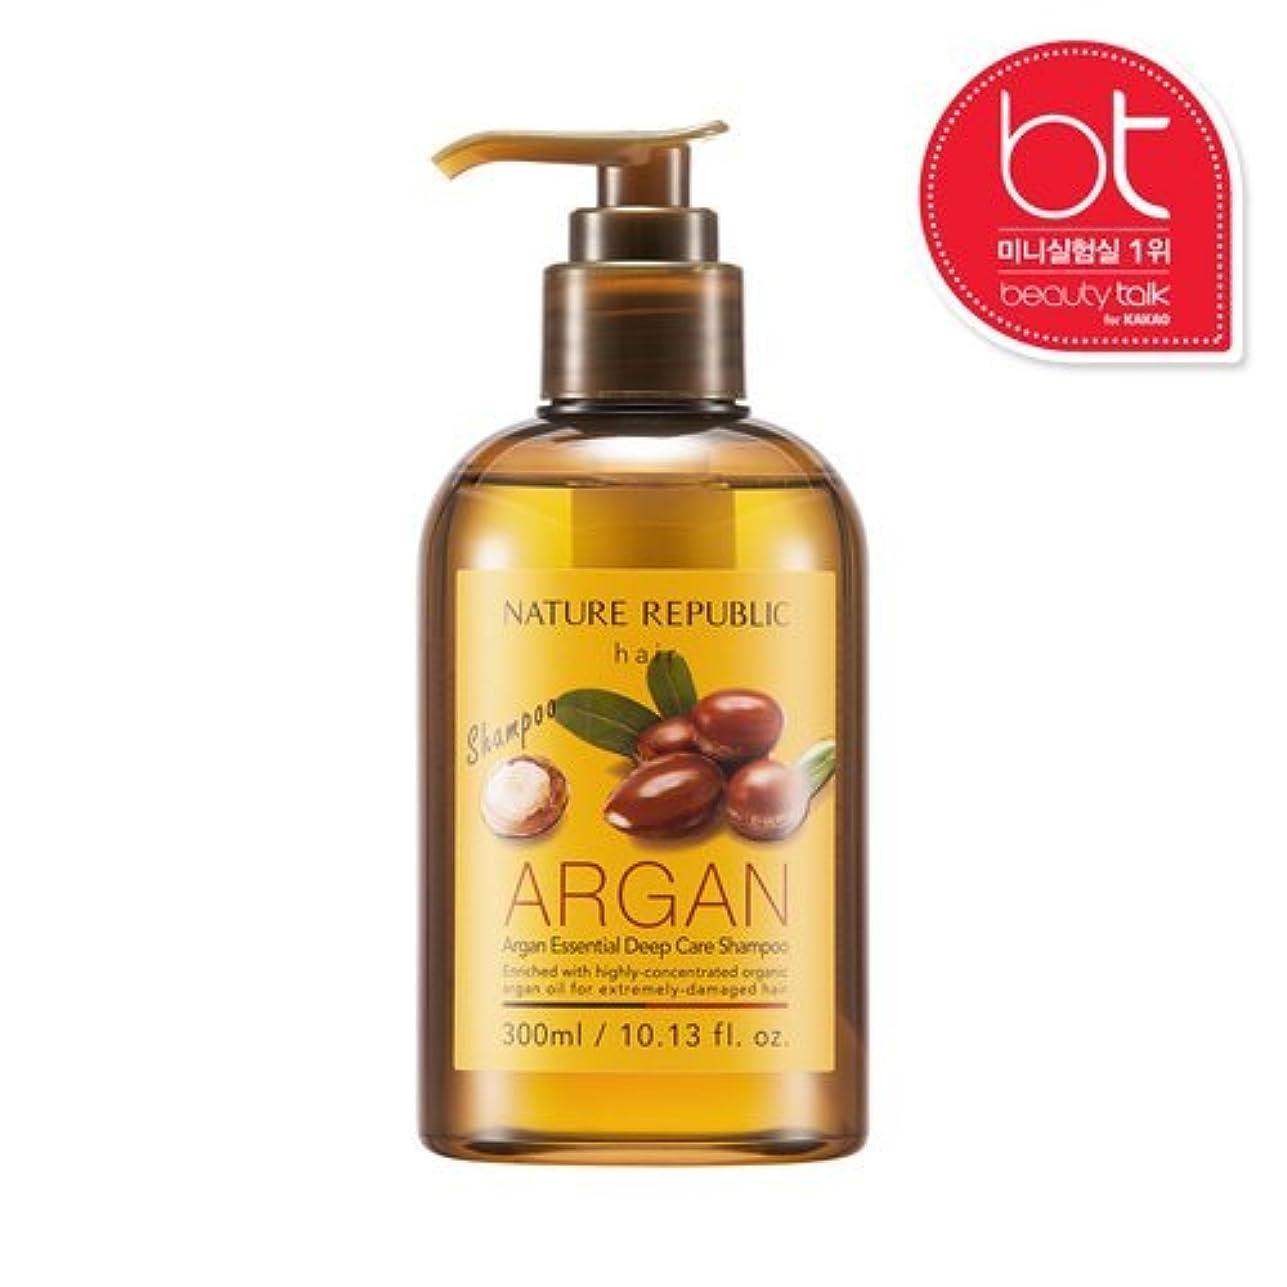 グラマー小数地域の(NATURE REPUBLIC ネイチャーリパブリック) ARGAN Essential Deep Care Shampoo アルガン エッセンシャル ディープ ケア シャンプー